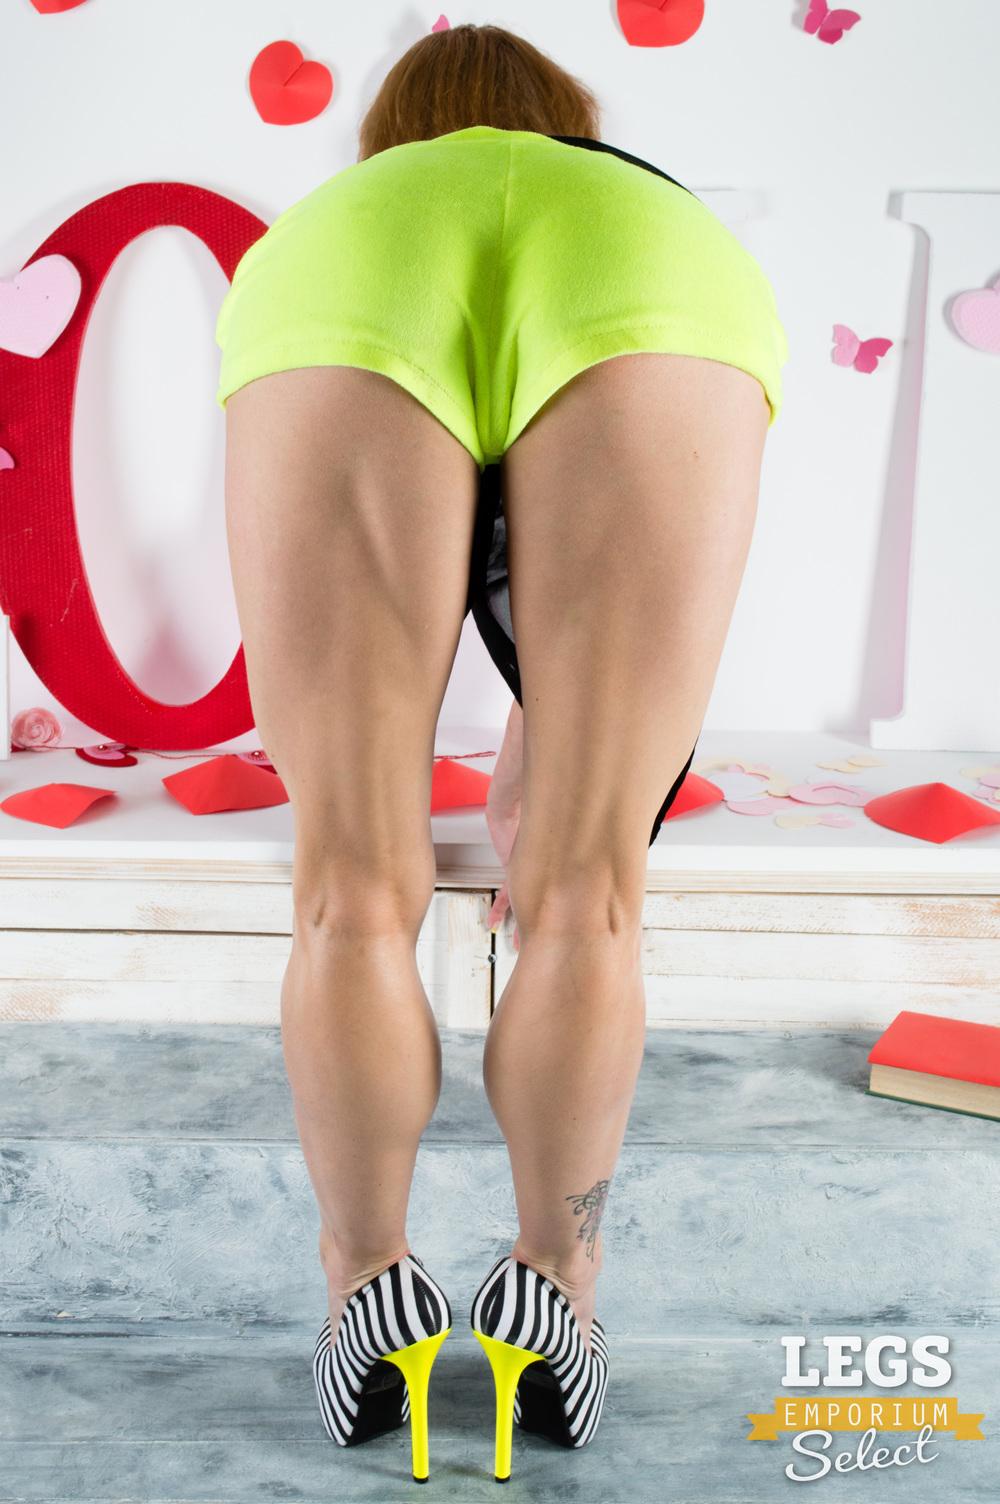 Legs_Emporium_Kaylee_019.jpg